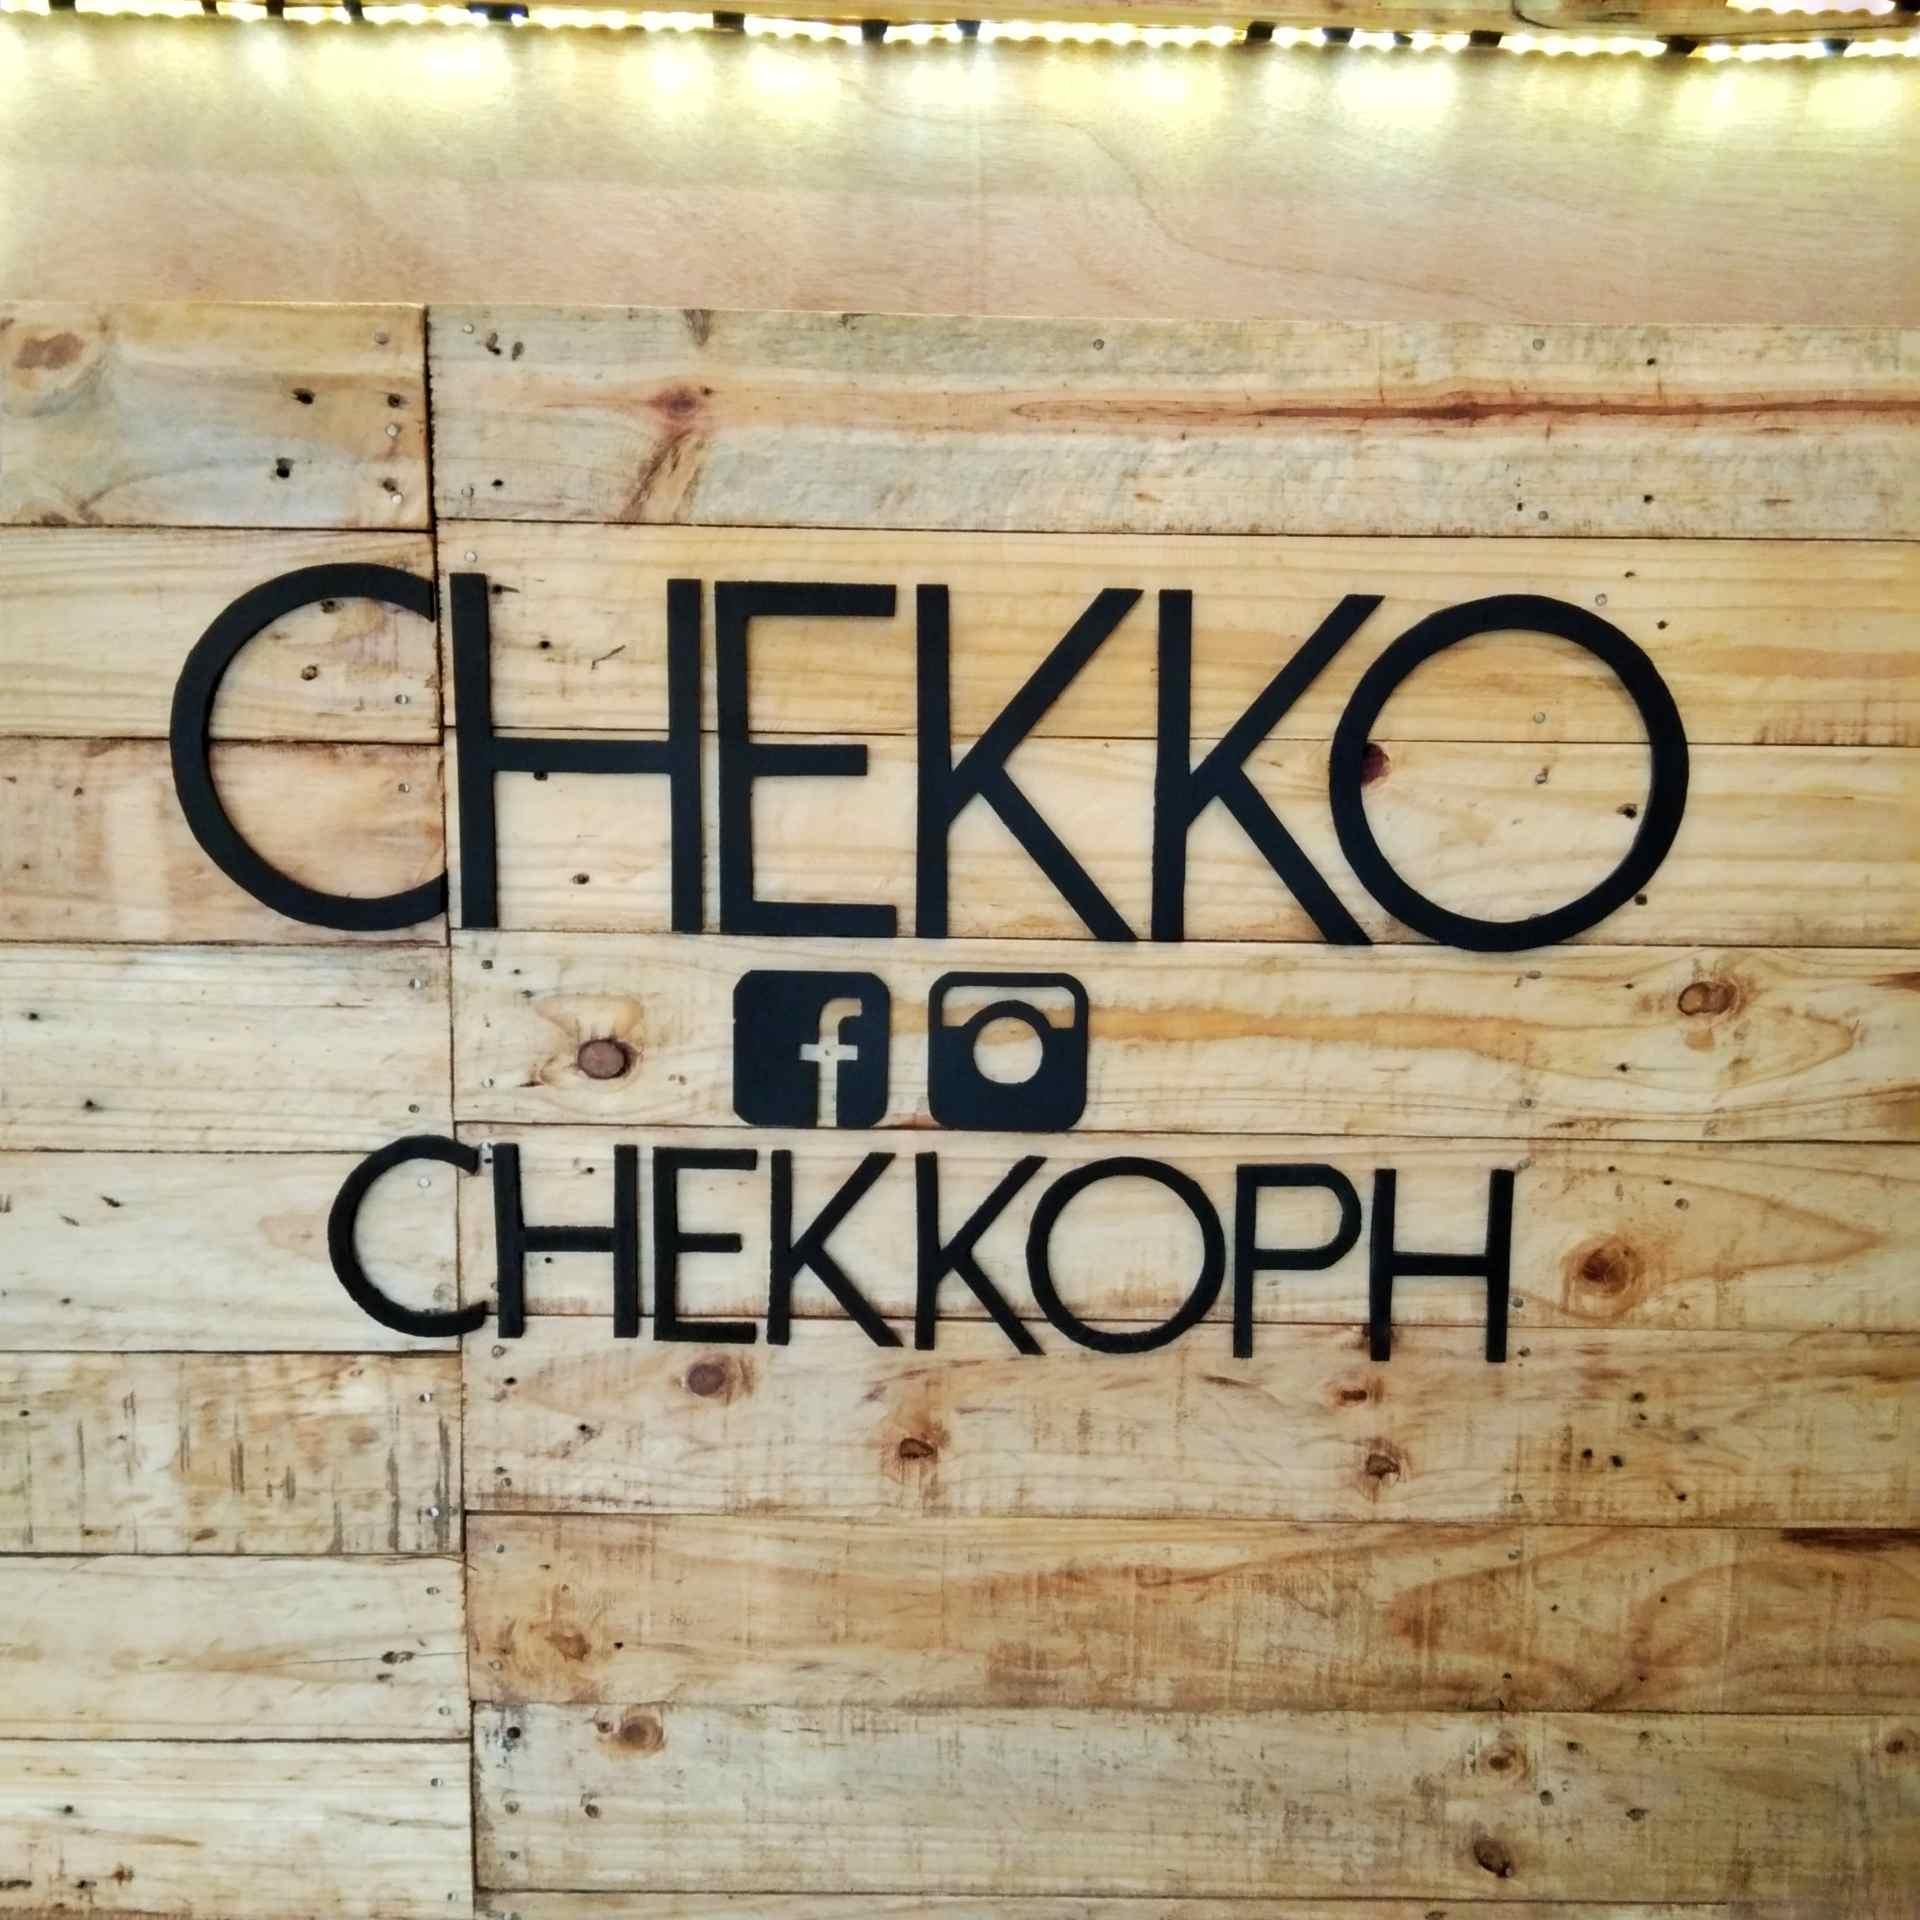 chekko ph